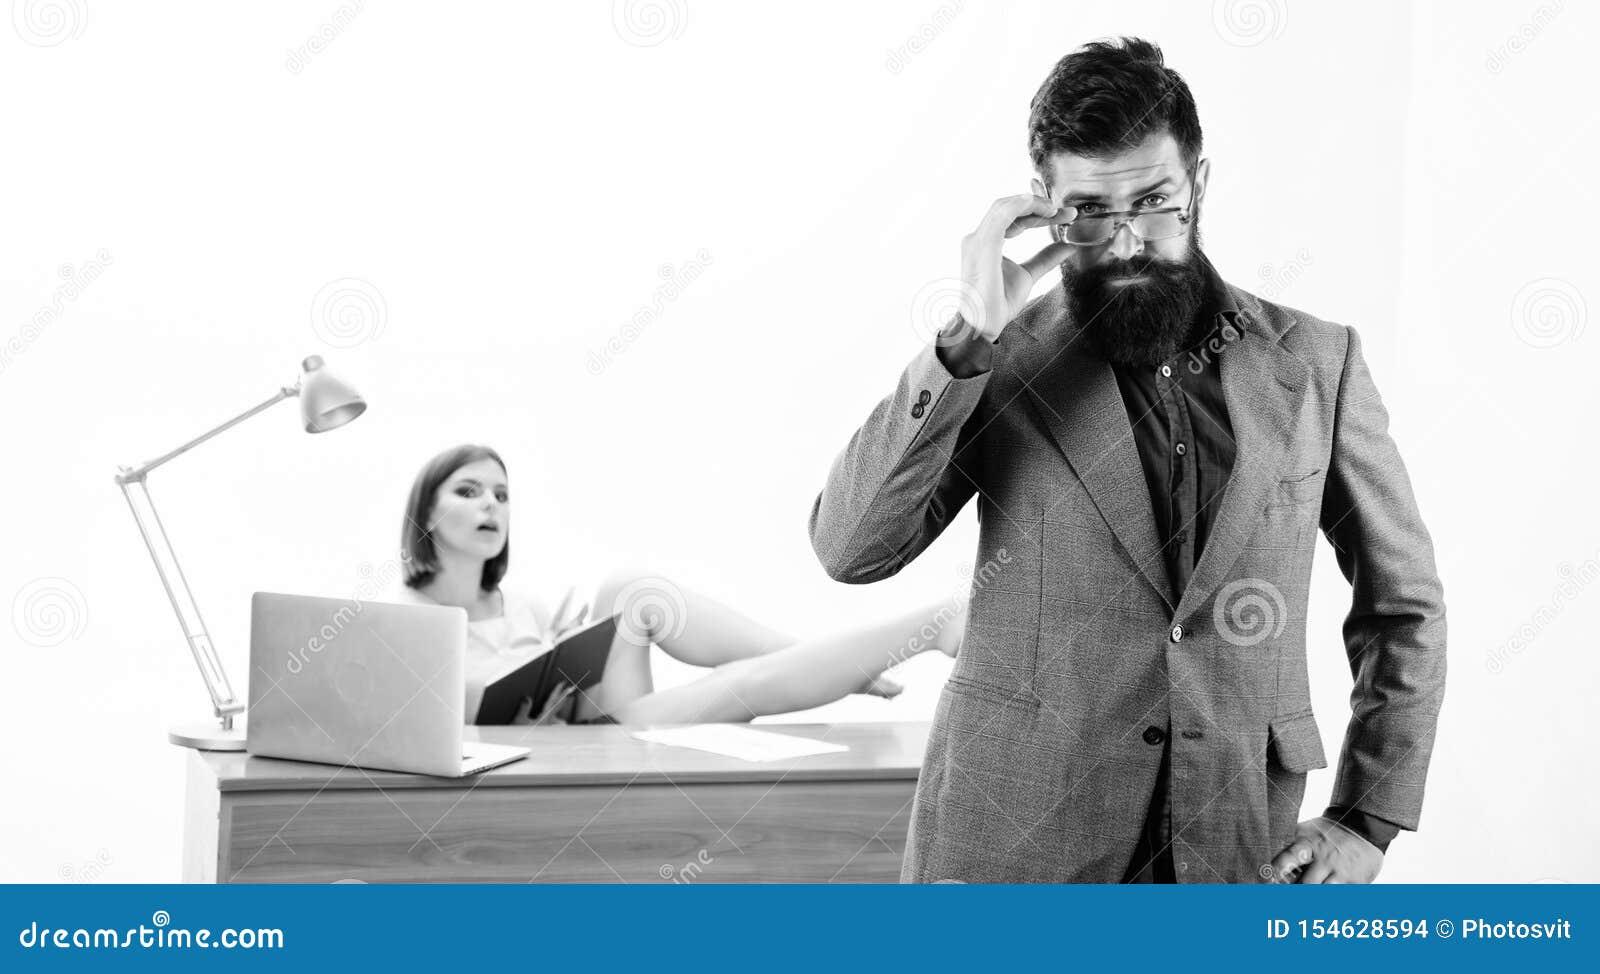 Интеллектуальный взгляд хипстера Хипстер исправляя его стекла пока сексуальная женщина работая в предпосылке _бородат хипстер и